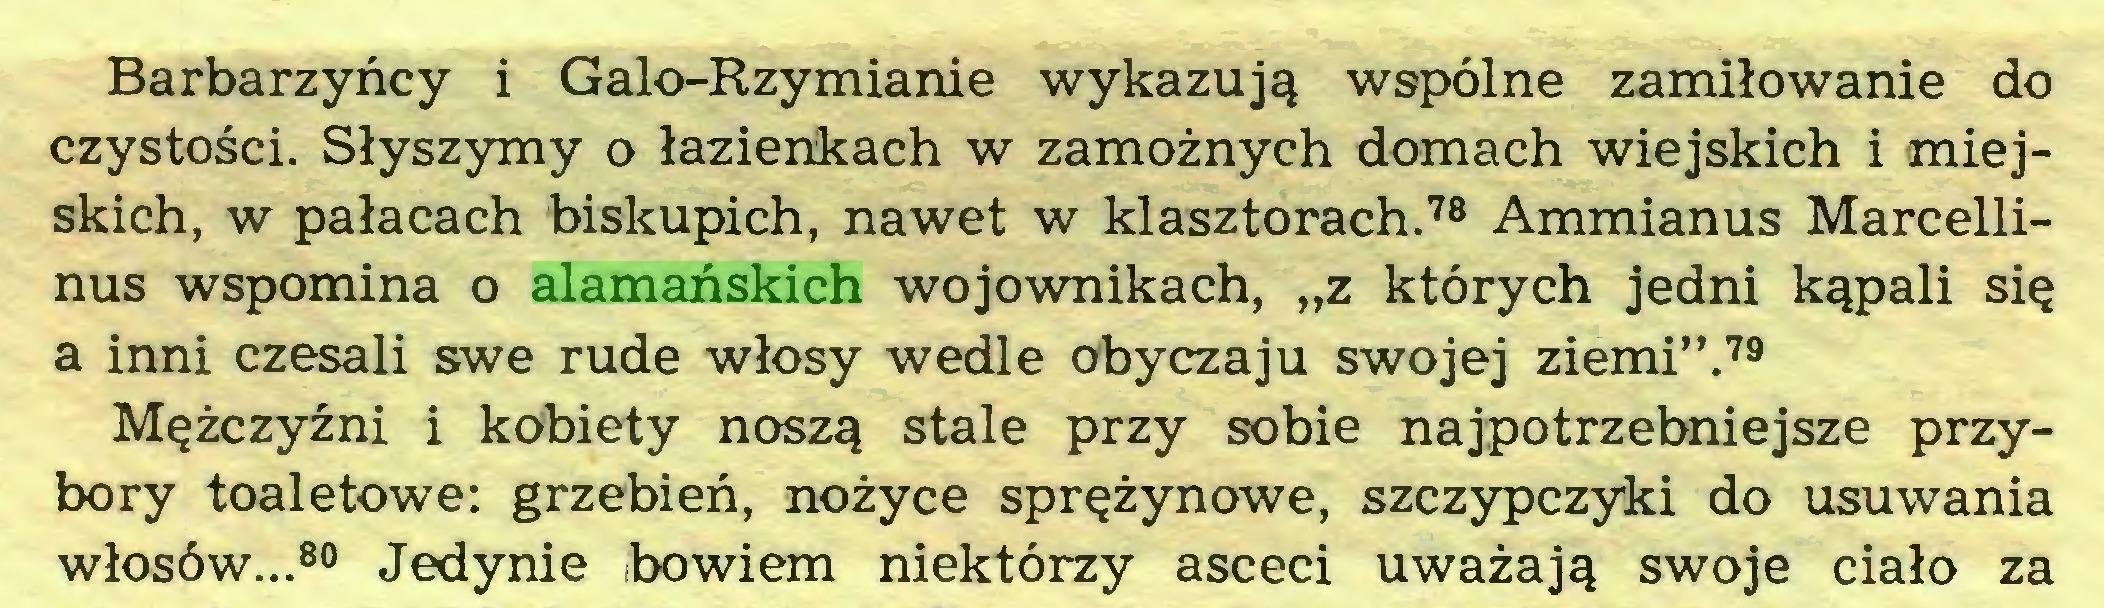 """(...) Barbarzyńcy i Galo-Rzymianie wykazują wspólne zamiłowanie do czystości. Słyszymy o łazienkach w zamożnych domach wiejskich i miejskich, w pałacach biskupich, nawet w klasztorach.78 Ammianus Marcellinus wspomina o alamańskich wojownikach, """"z których jedni kąpali się a inni czesali swe rude włosy wedle obyczaju swojej ziemi"""".79 Mężczyźni i kobiety noszą stale przy sobie najpotrzebniejsze przybory toaletowe: grzebień, nożyce sprężynowe, szczypczyki do usuwania włosów...80 Jedynie bowiem niektórzy asceci uważają swoje ciało za..."""